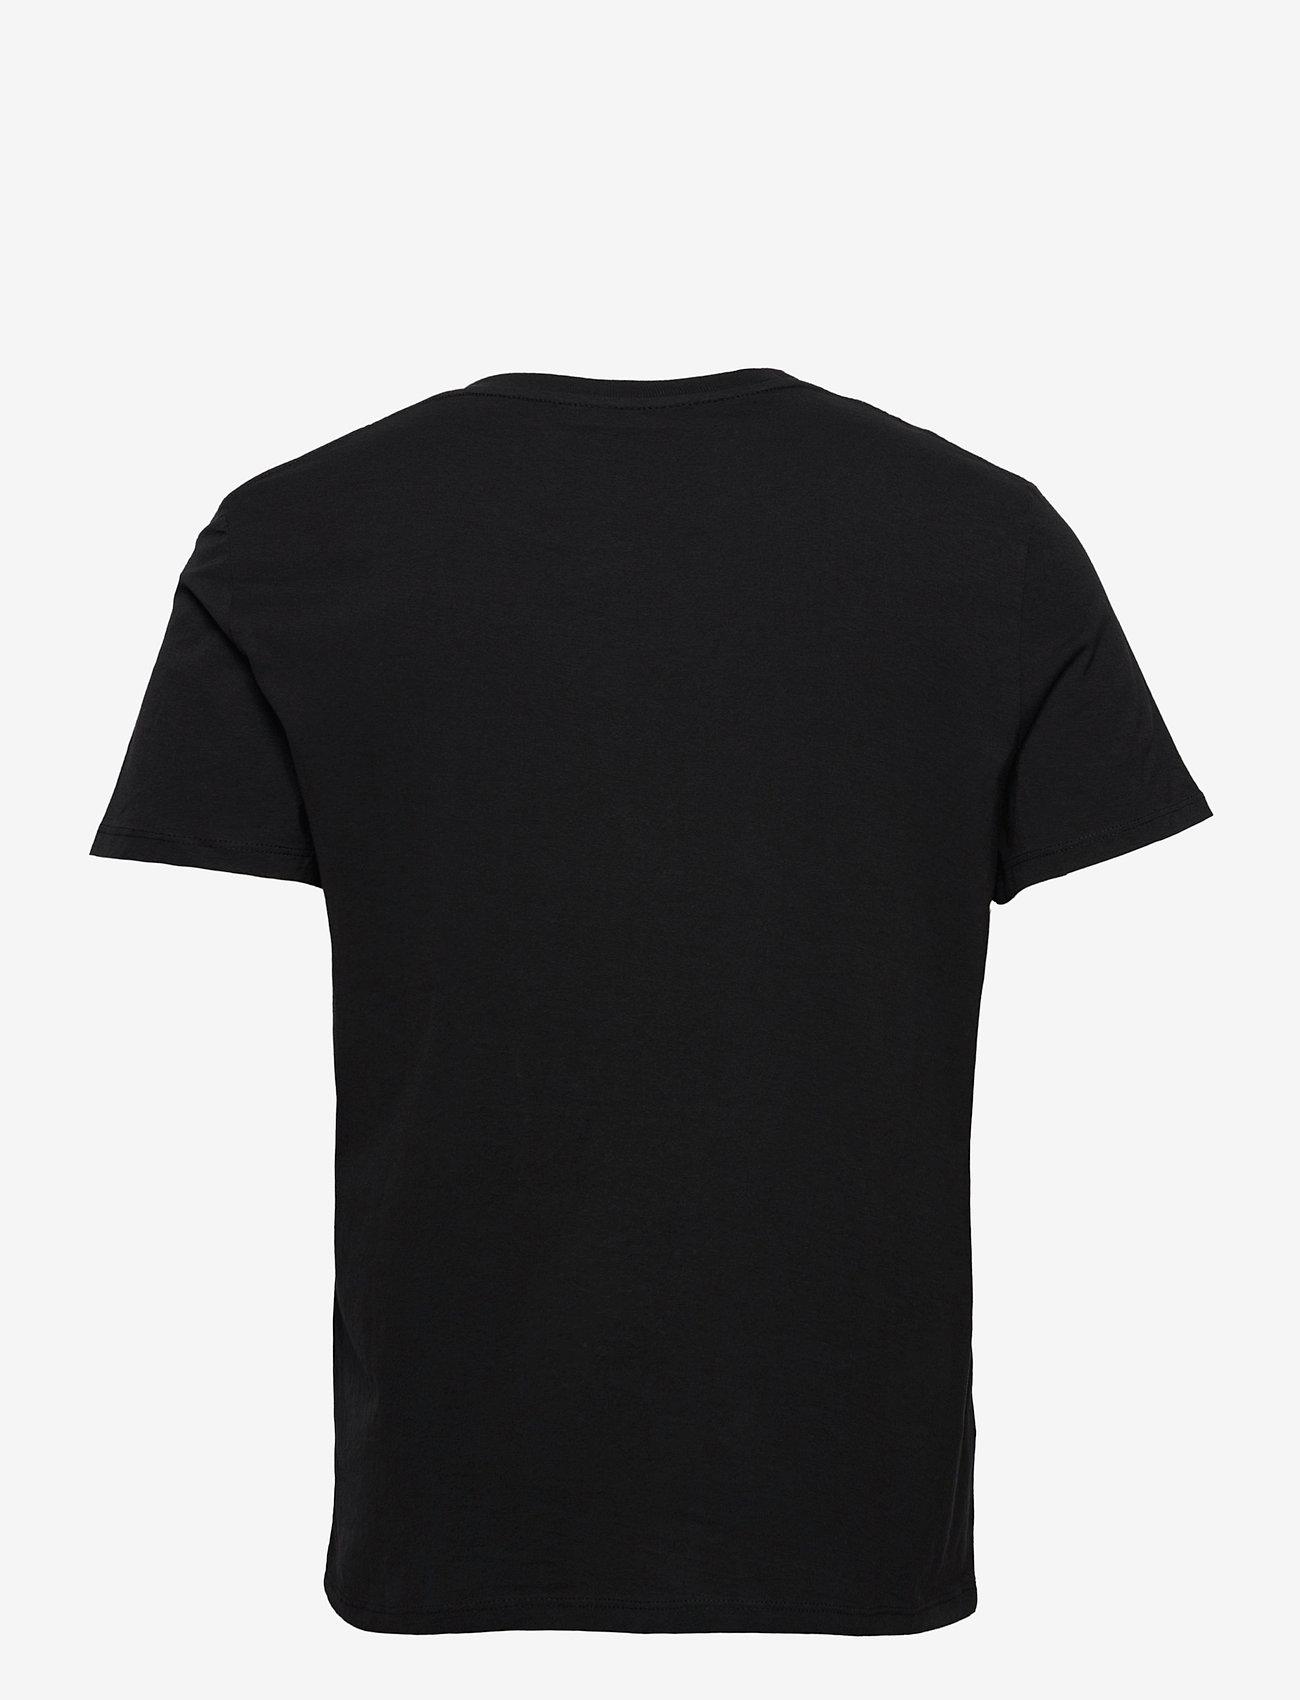 Ted Hc Blason Tshirt Mc Print Devant (Black) (85 €) - Zadig & Voltaire PXm9N